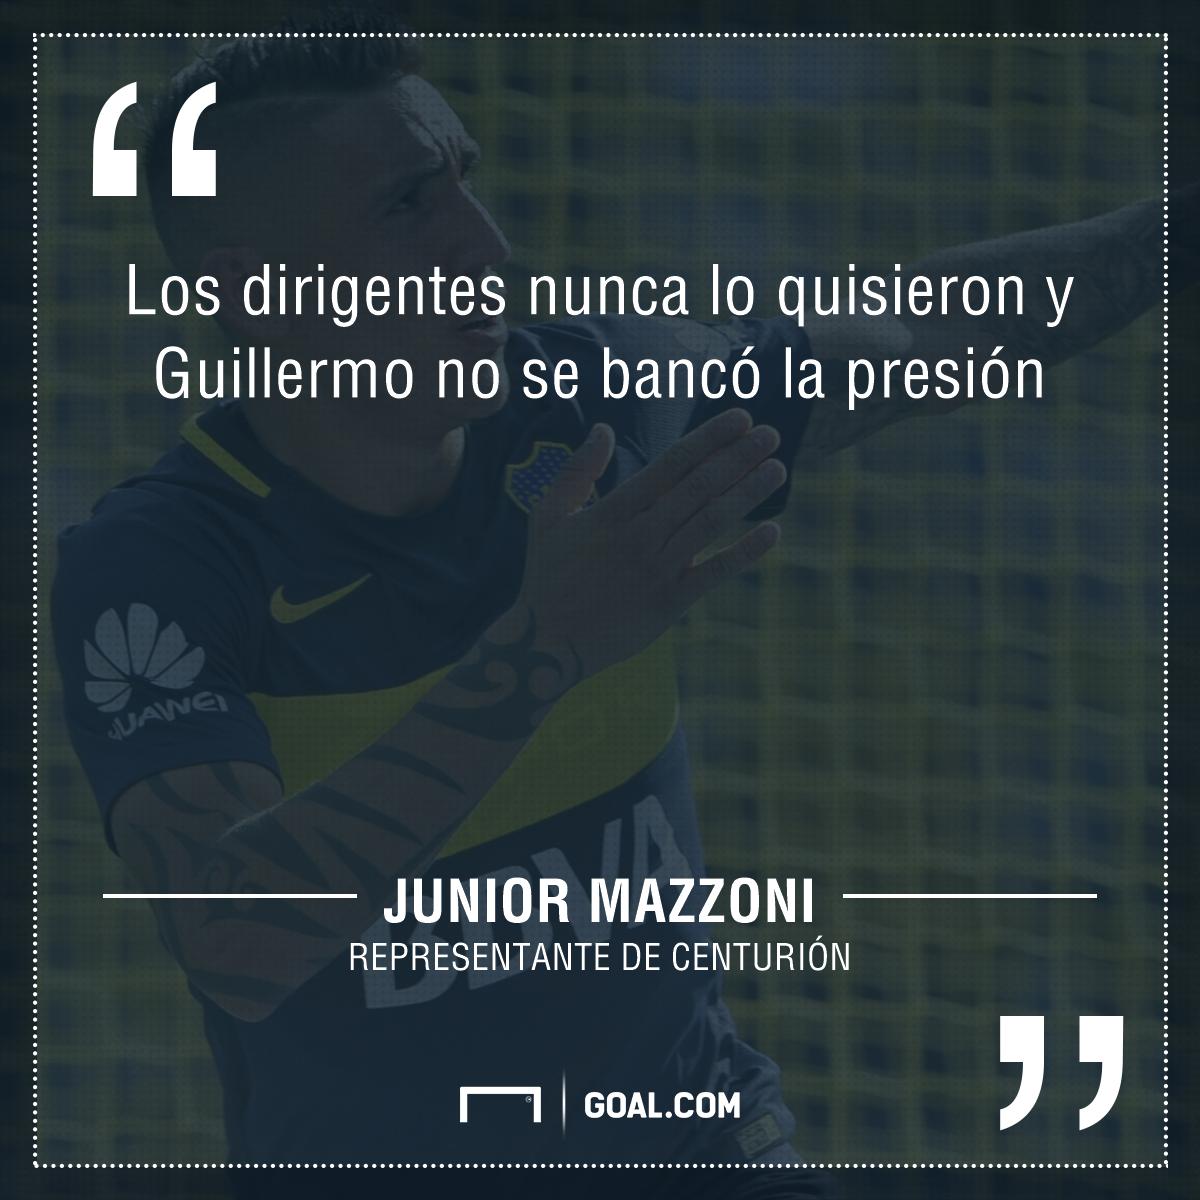 Mazzoni Centurion Guillermo PS